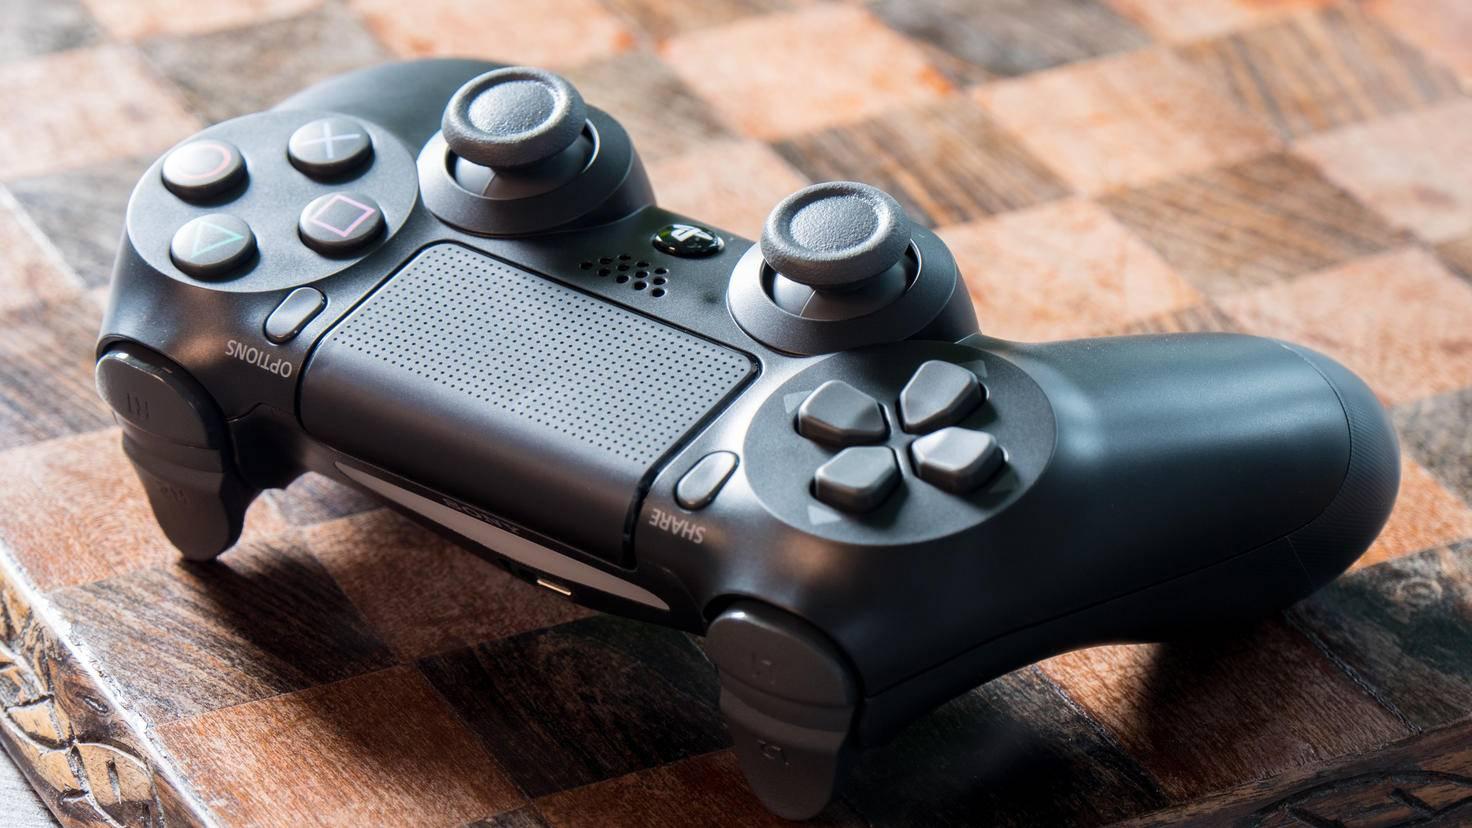 """Drücke die PS-Taste und """"Share"""" gleichzeitig. Dann blinken die LEDs des PS4-Controllers und er kann als Bluetooth-Gerät erkannt werden."""